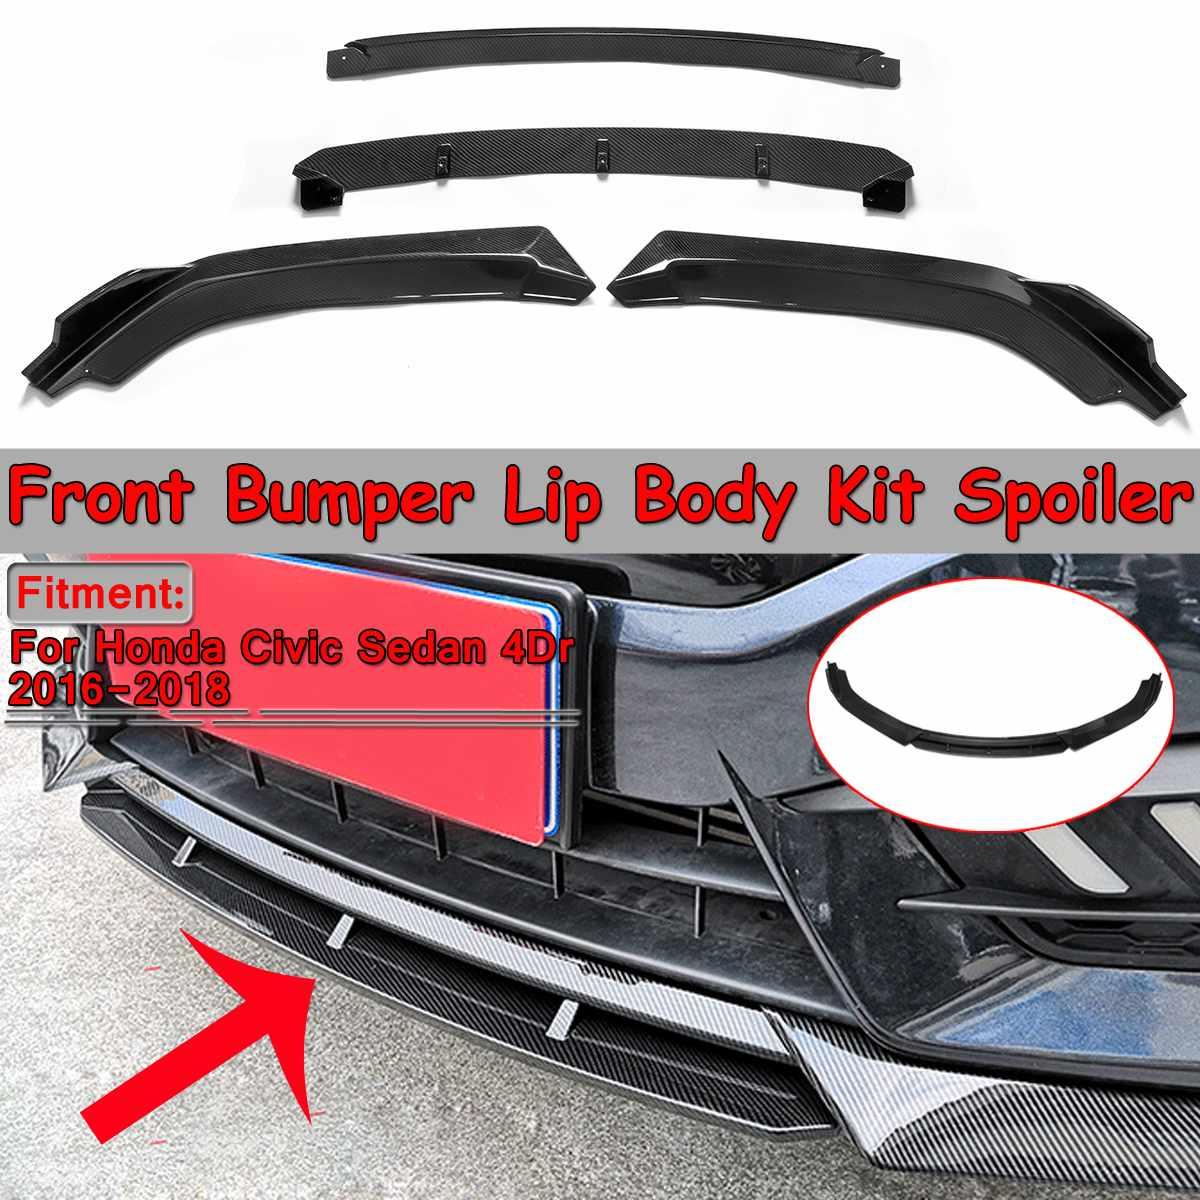 Neue 4 stücke Auto Front Lip Splitter Diffusor Lip Body Kit Spoiler Stoßstangen Schutz Für Honda Für Civic Limousine 4Dr 2016-2018